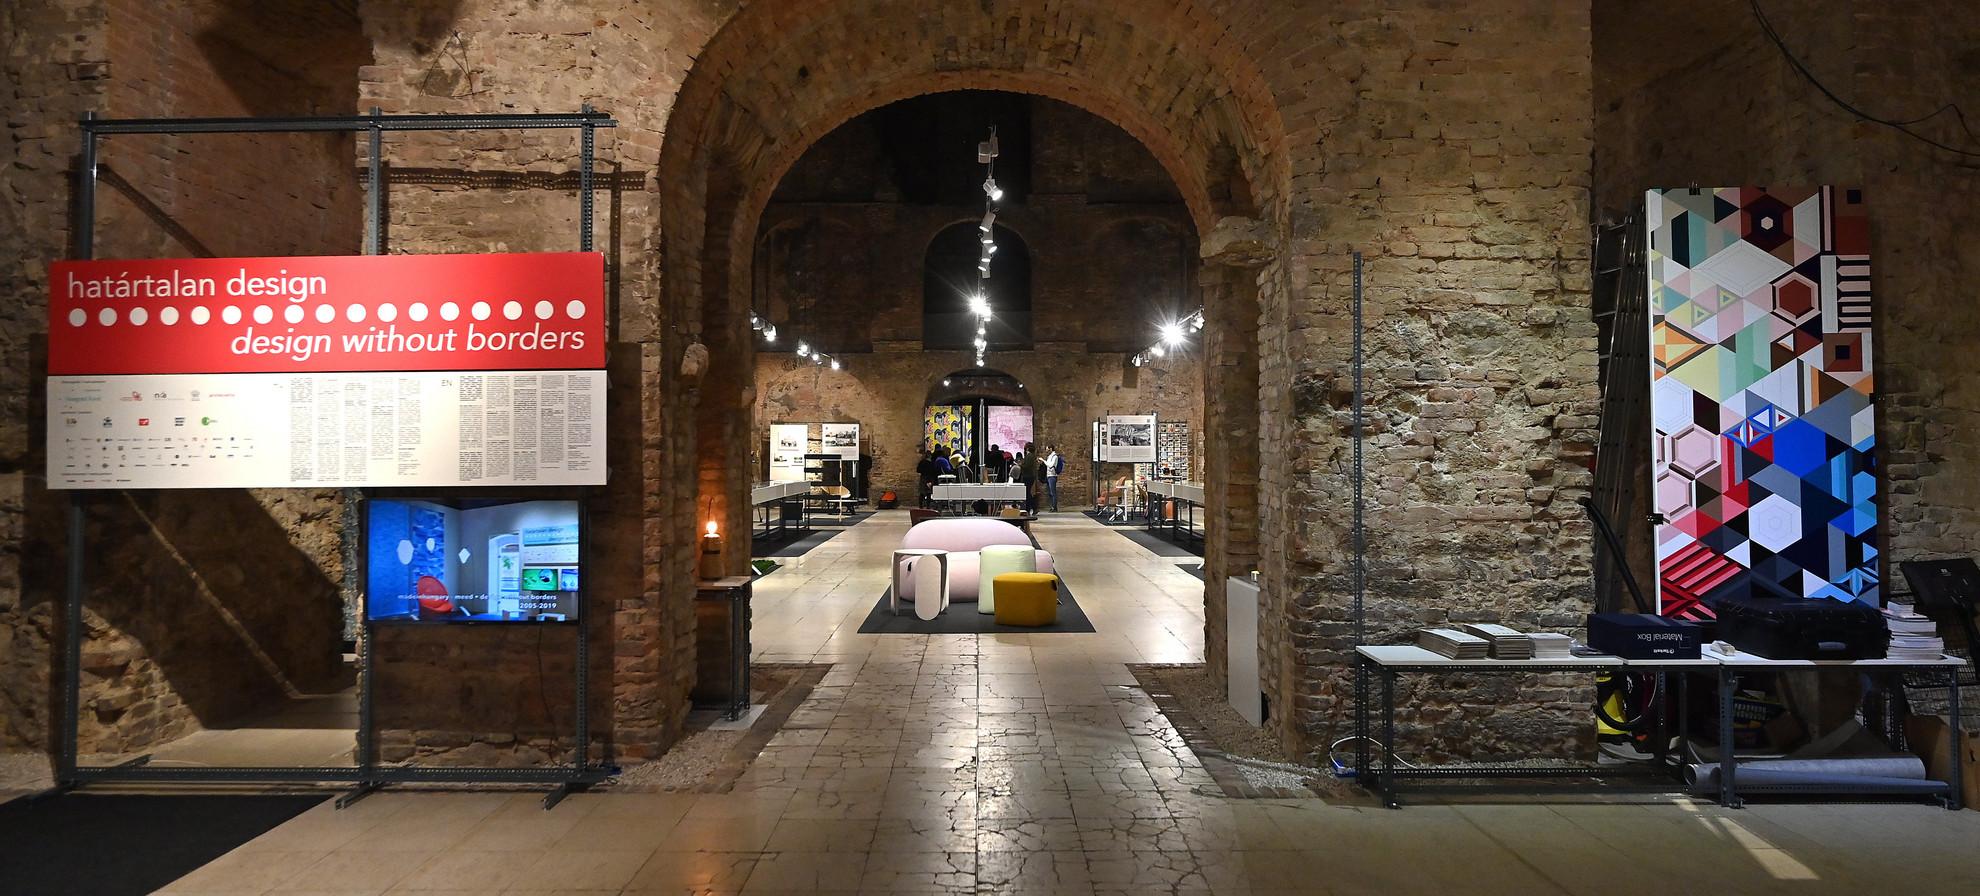 A Határtalan design című kiállítás Budapesten, a Kiscelli Múzeumban 2020. október 7-én. A tárlat október 10-től november 15-ig látogatható